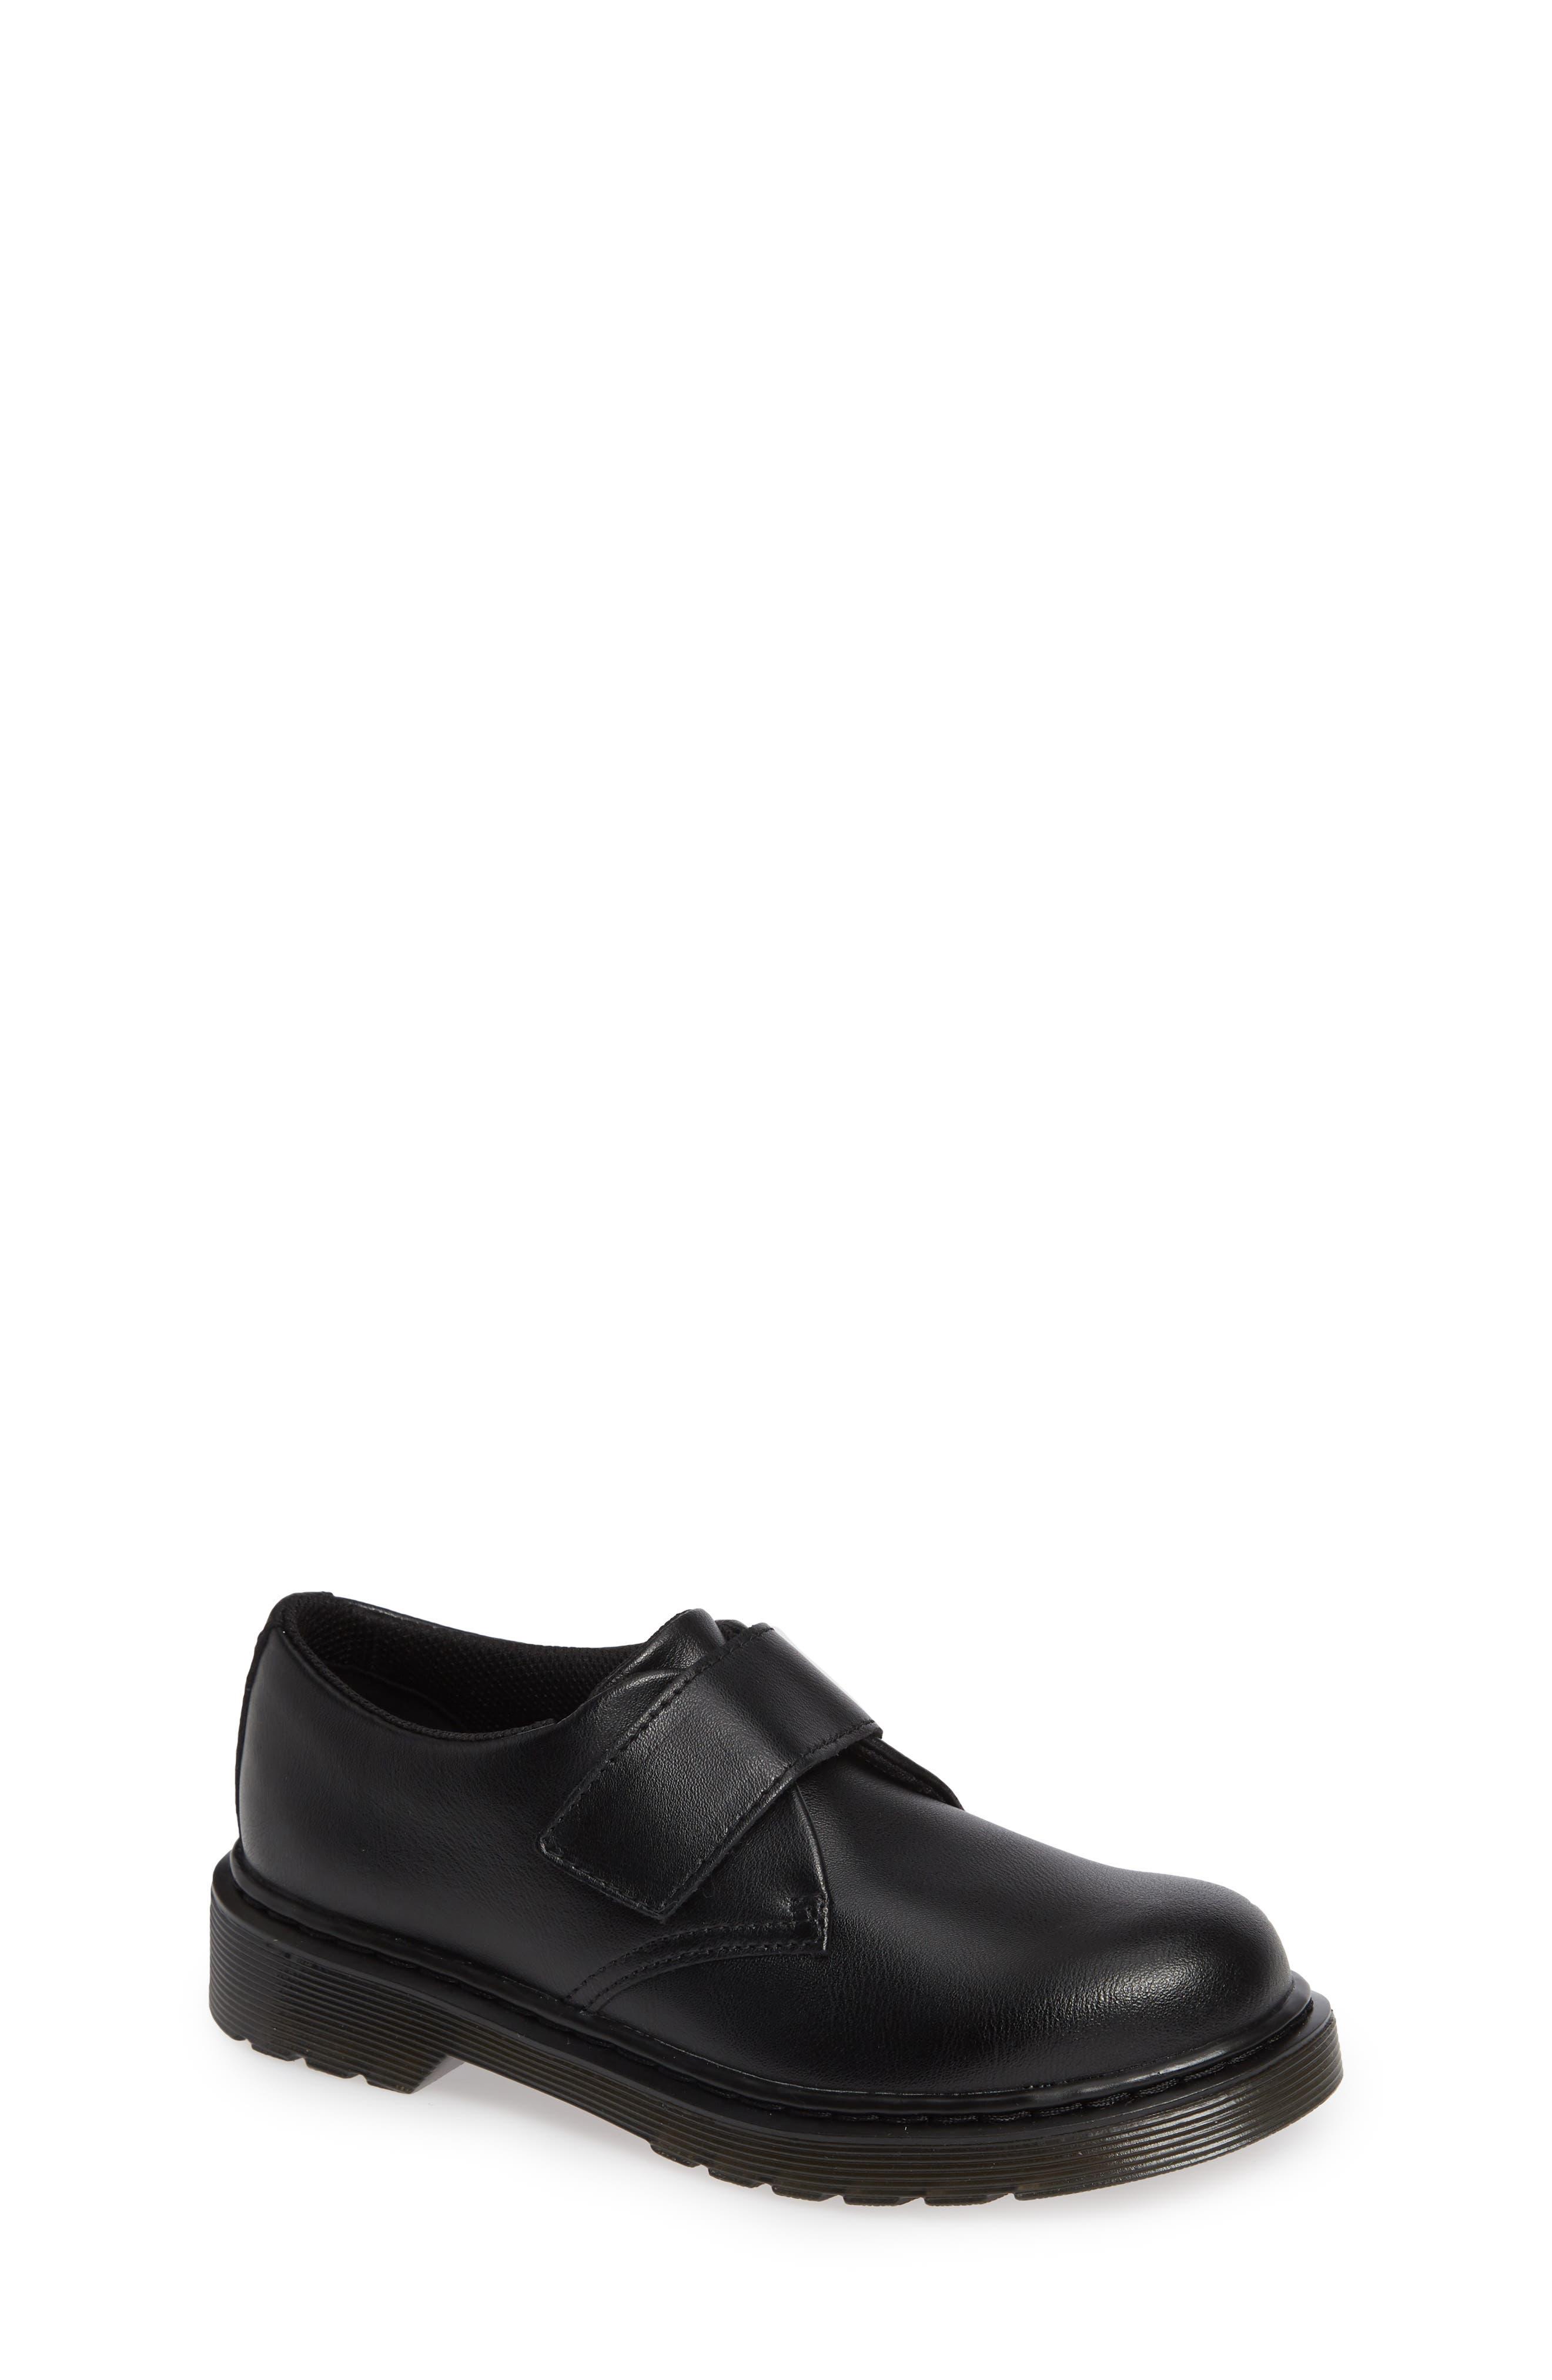 Strap Shoe,                         Main,                         color, BLACK